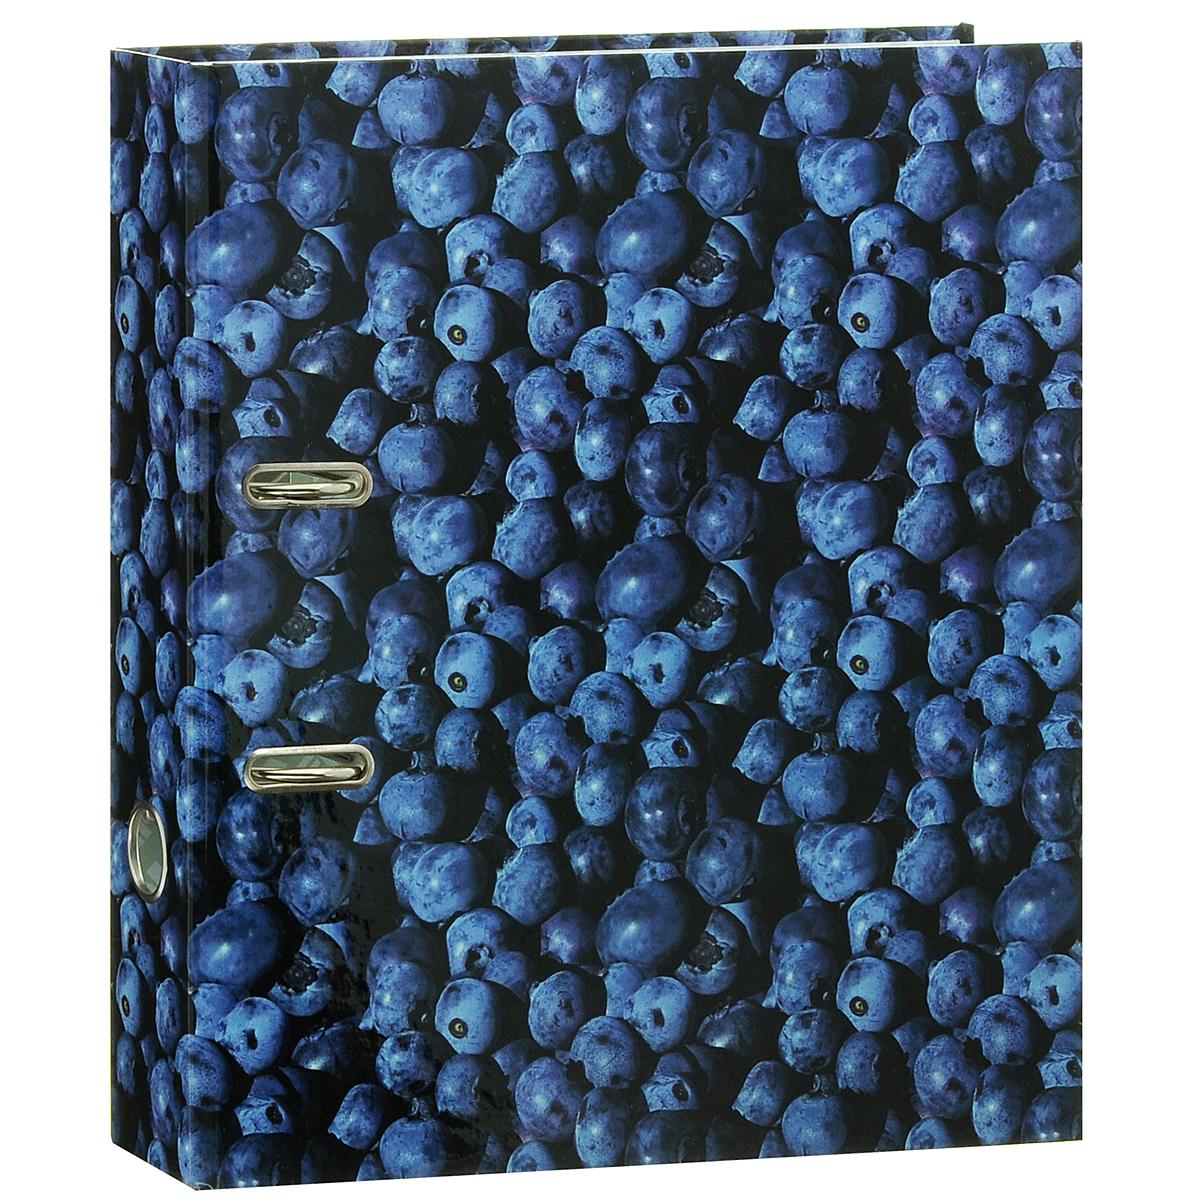 Папка-регистратор Index Черника, ширина корешка 80 мм, цвет: синийC13S041944Папка-регистратор Index Черника незаменима для работы с большими объемами бумаг дома и в офисе. Папка изготовлена из износостойкого высококачественного картона толщиной 2 мм, имеет ламинацию как снаружи, так и внутри. Папка оснащена прочным металлическим арочным механизмом, обеспечивающим надежную фиксацию перфорированных бумаг и документов формата А4. Для папки используется фурнитура только европейского производства. На торце папки расположено металлическое кольцо для удобства использования. Обложка папки оформлена красочным изображением сочных ягод черники.Папка-регистратор станет вашим надежным помощником, она упростит работу с бумагами и документами и защитит их от повреждения, пыли и влаги.